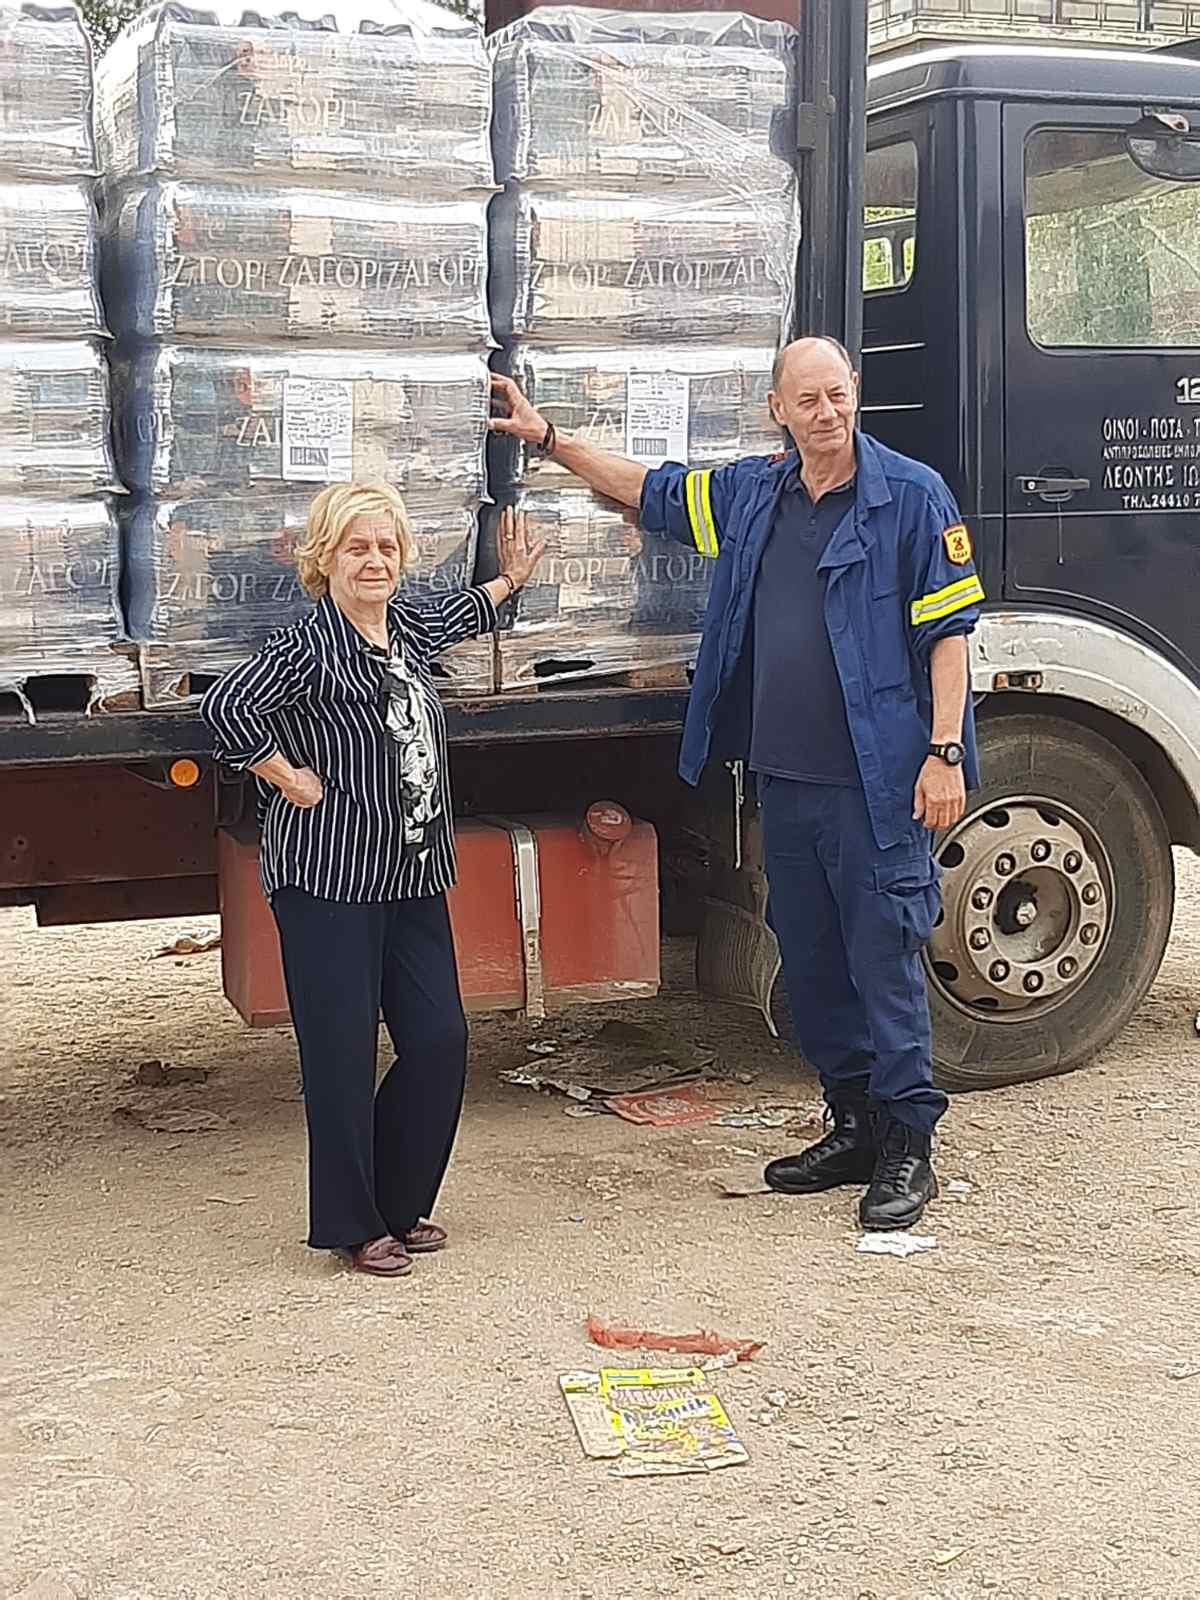 ΔΕΛΤΙΟ ΤΥΠΟΥ  Αποστολή βοήθειας προς πλημμυροπαθείς στο Δήμο Καρδίτσας.